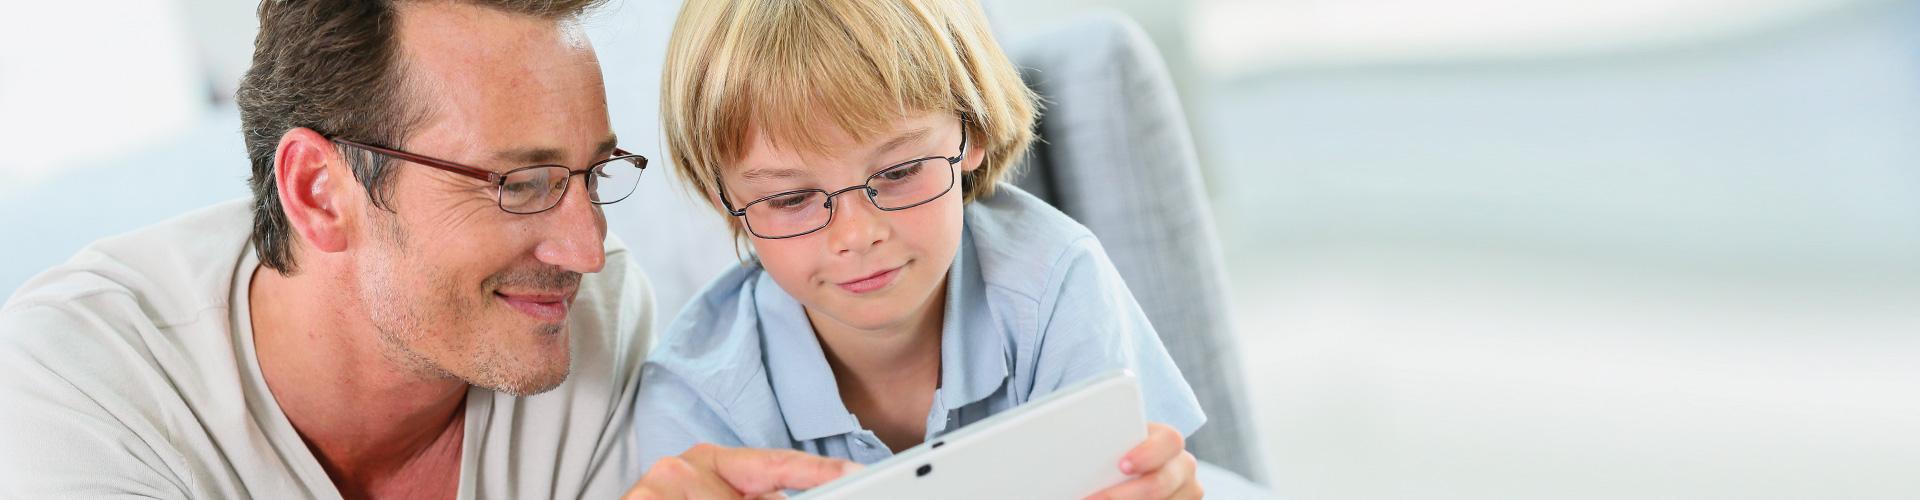 Kopp-Kirsamer - Slider gross Vater und Sohn am Tablet